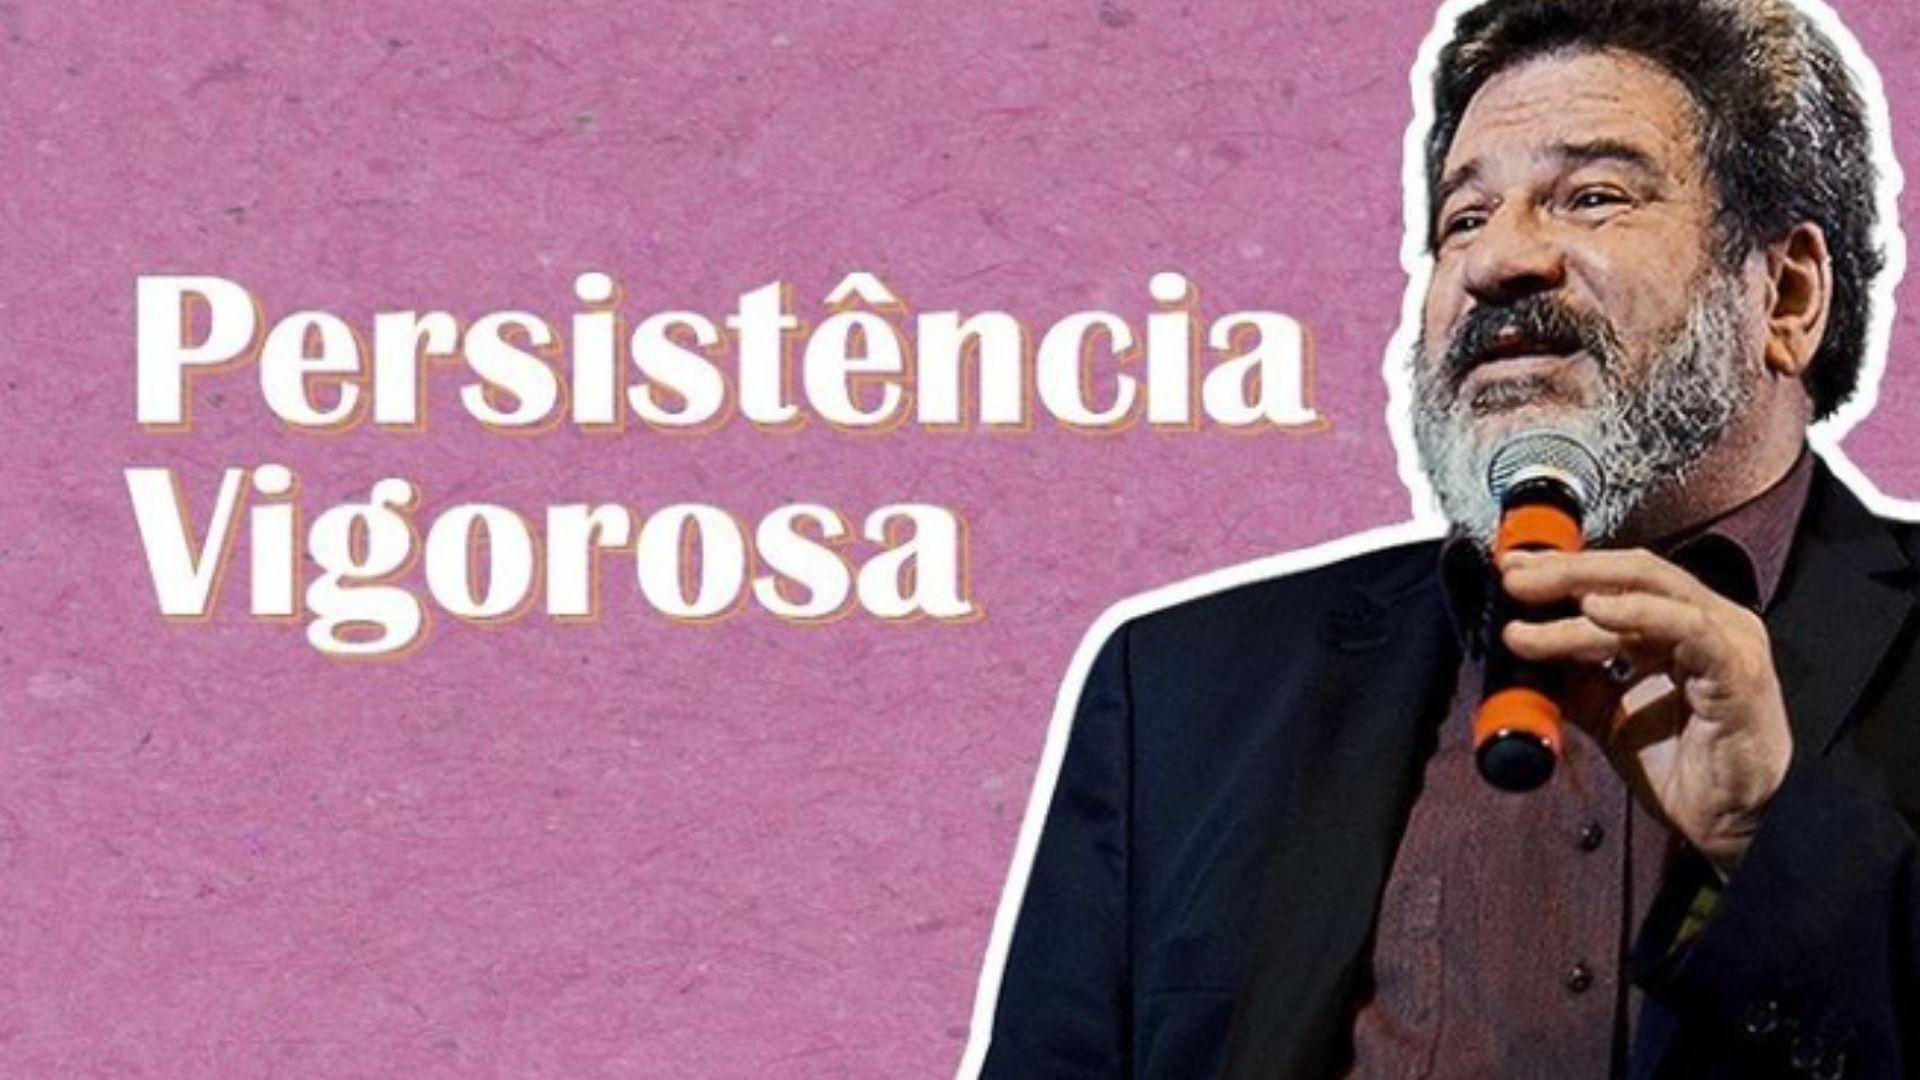 Post nas redes sociais do professor Mario Sergio Cortella (Foto: Reprodução / Instagram @cortellaoficial)